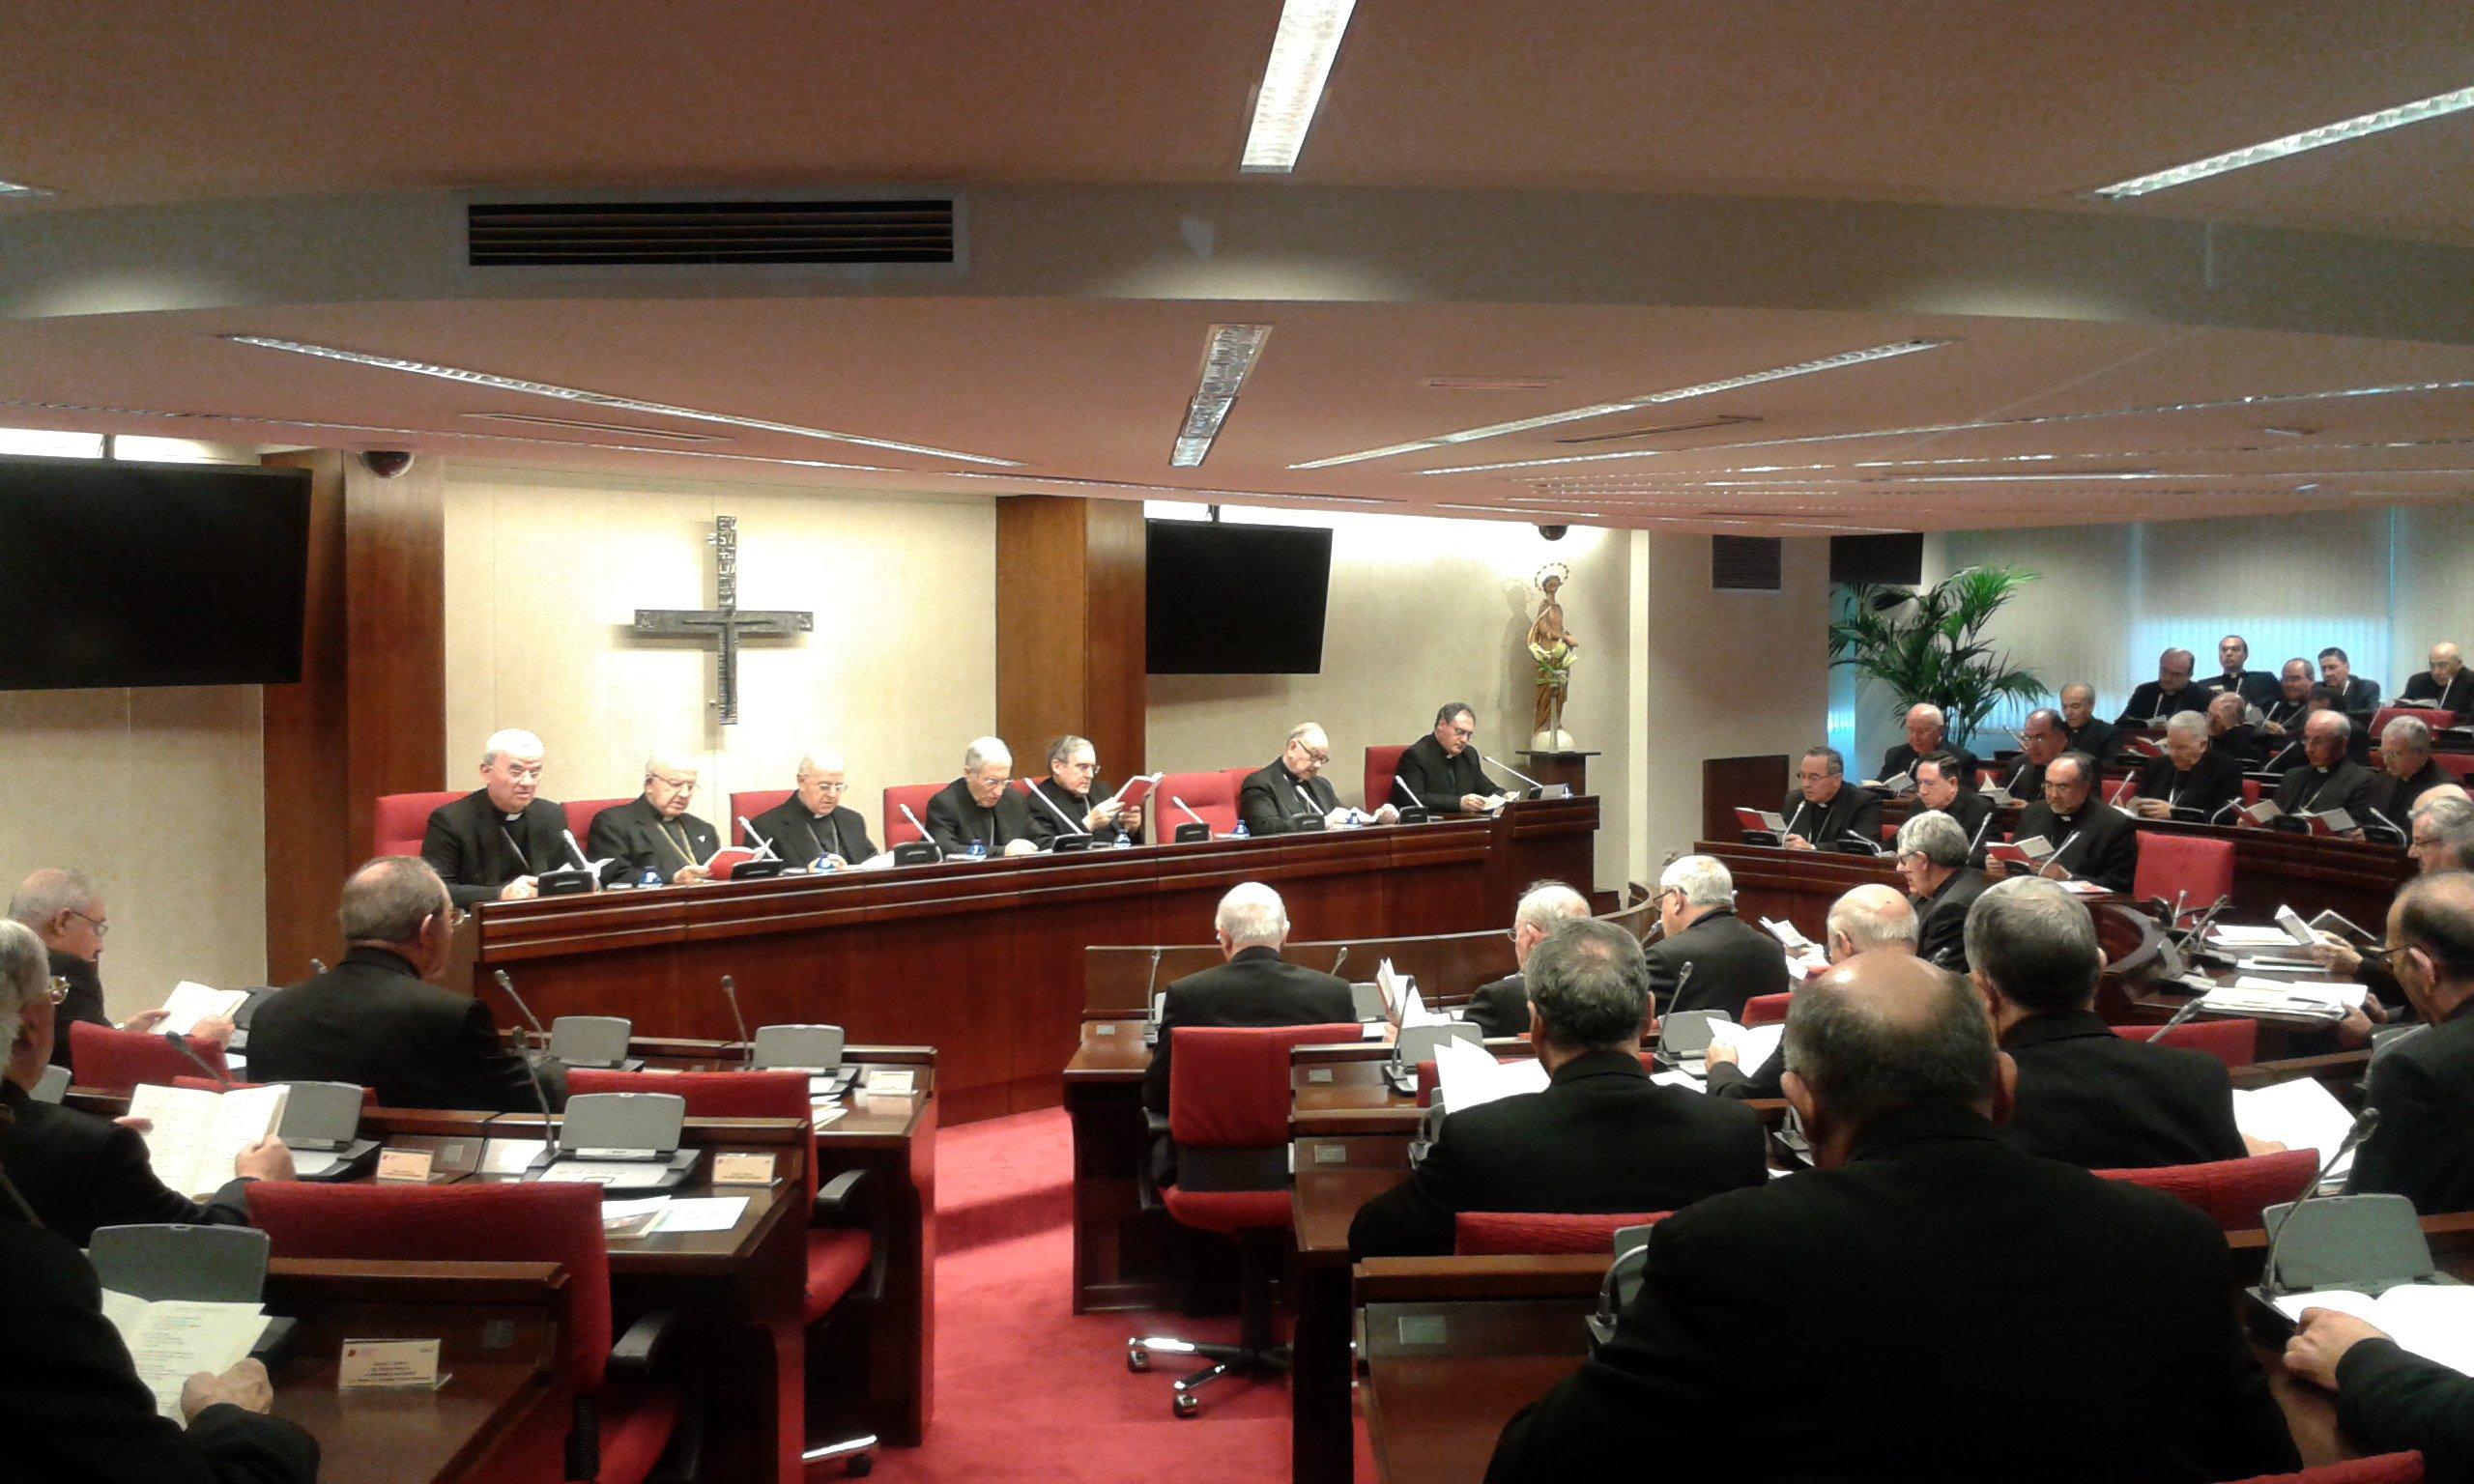 Omella presentará a los obispos el borrador de Plan Pastoral